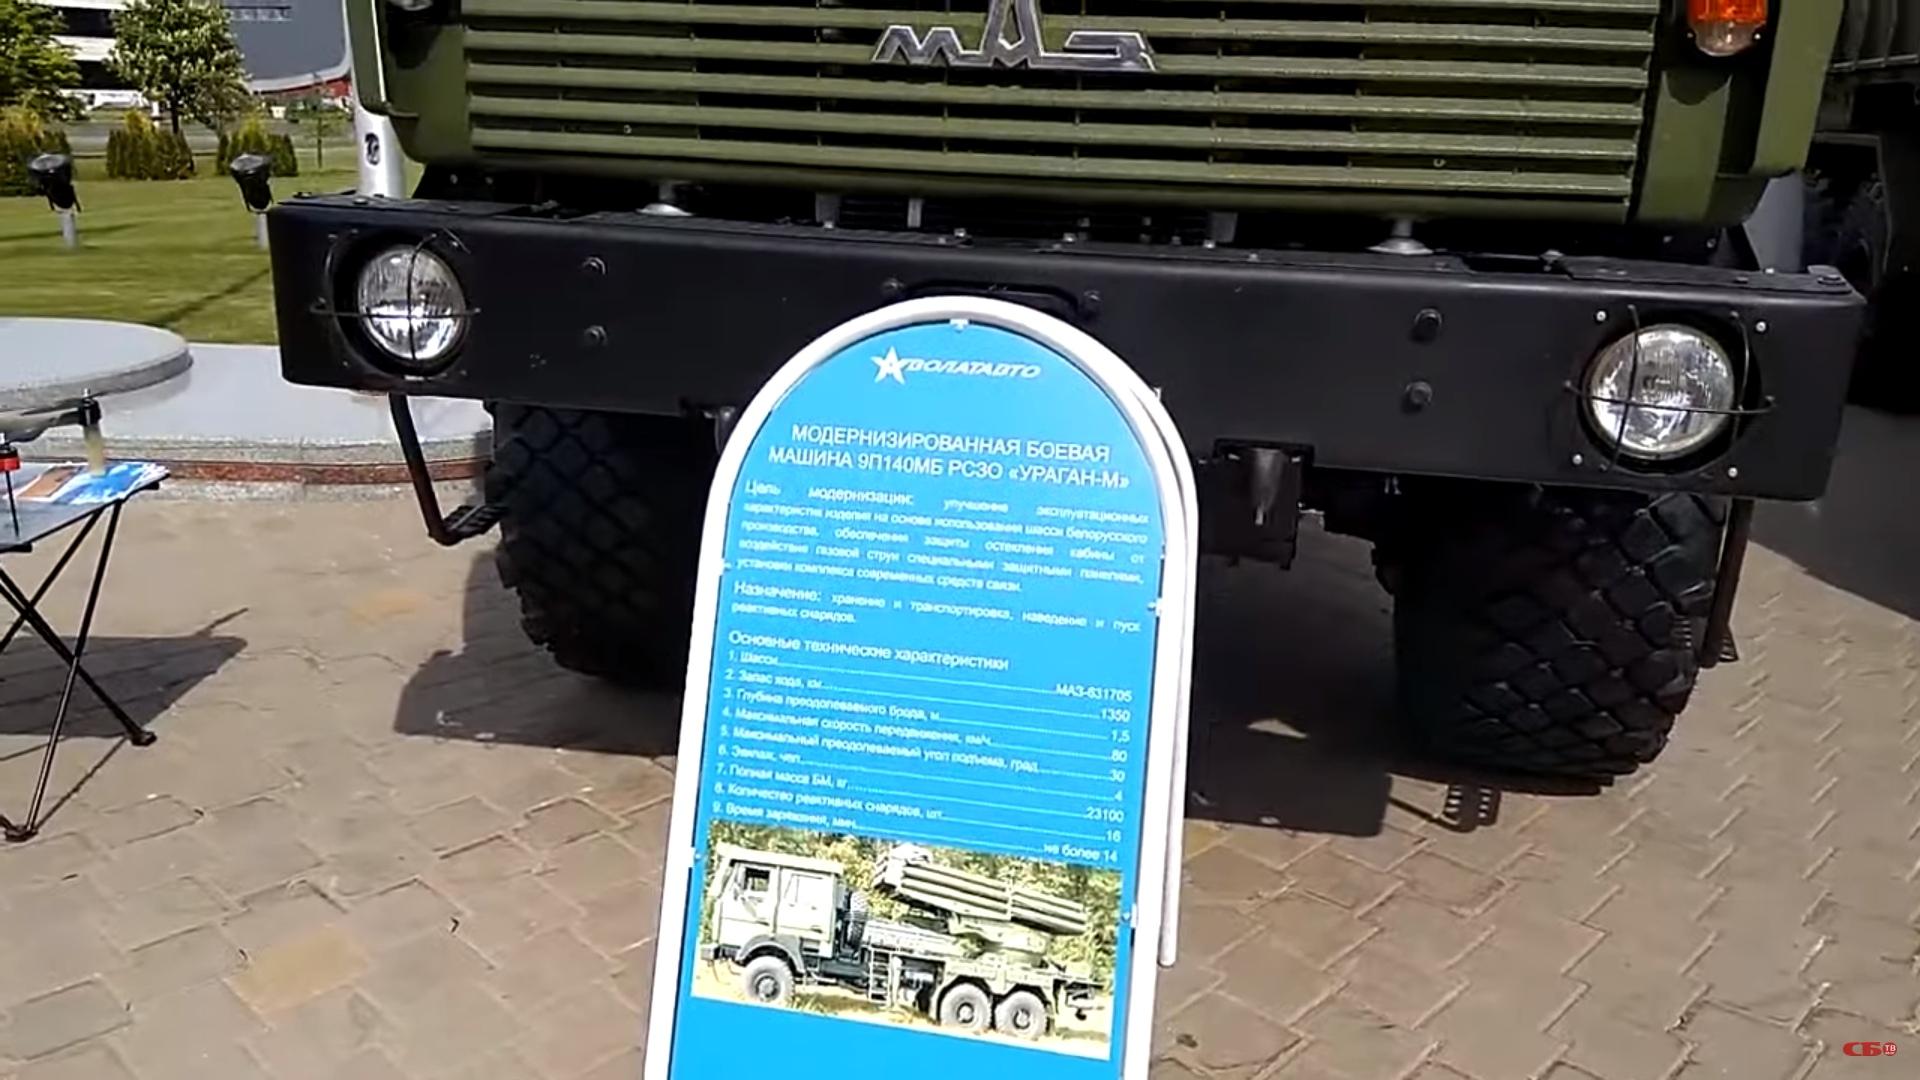 T8SKhNQ2FsQ